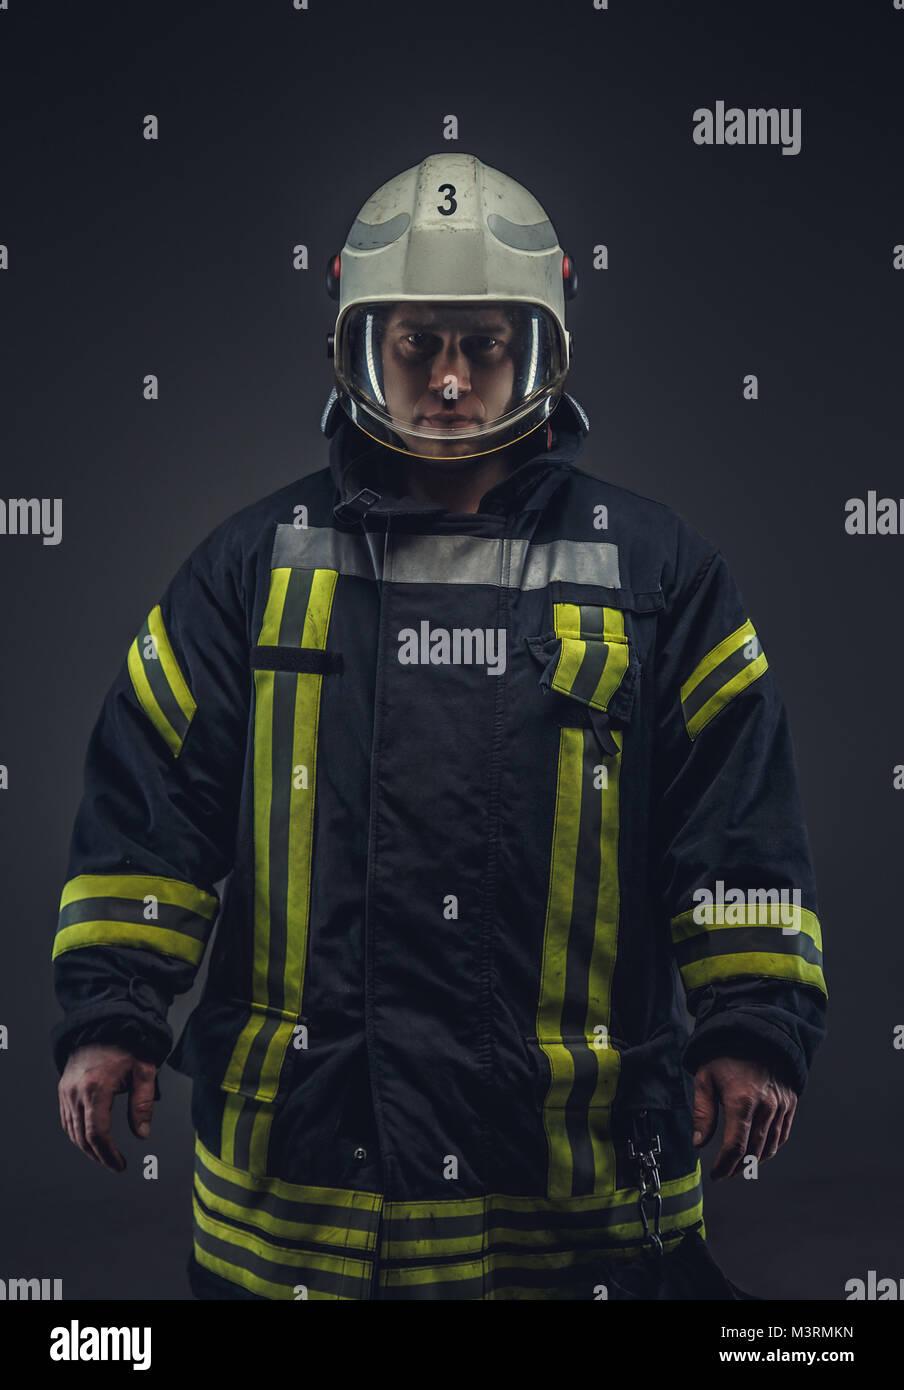 Photo de pompier en uniforme. Photo Stock